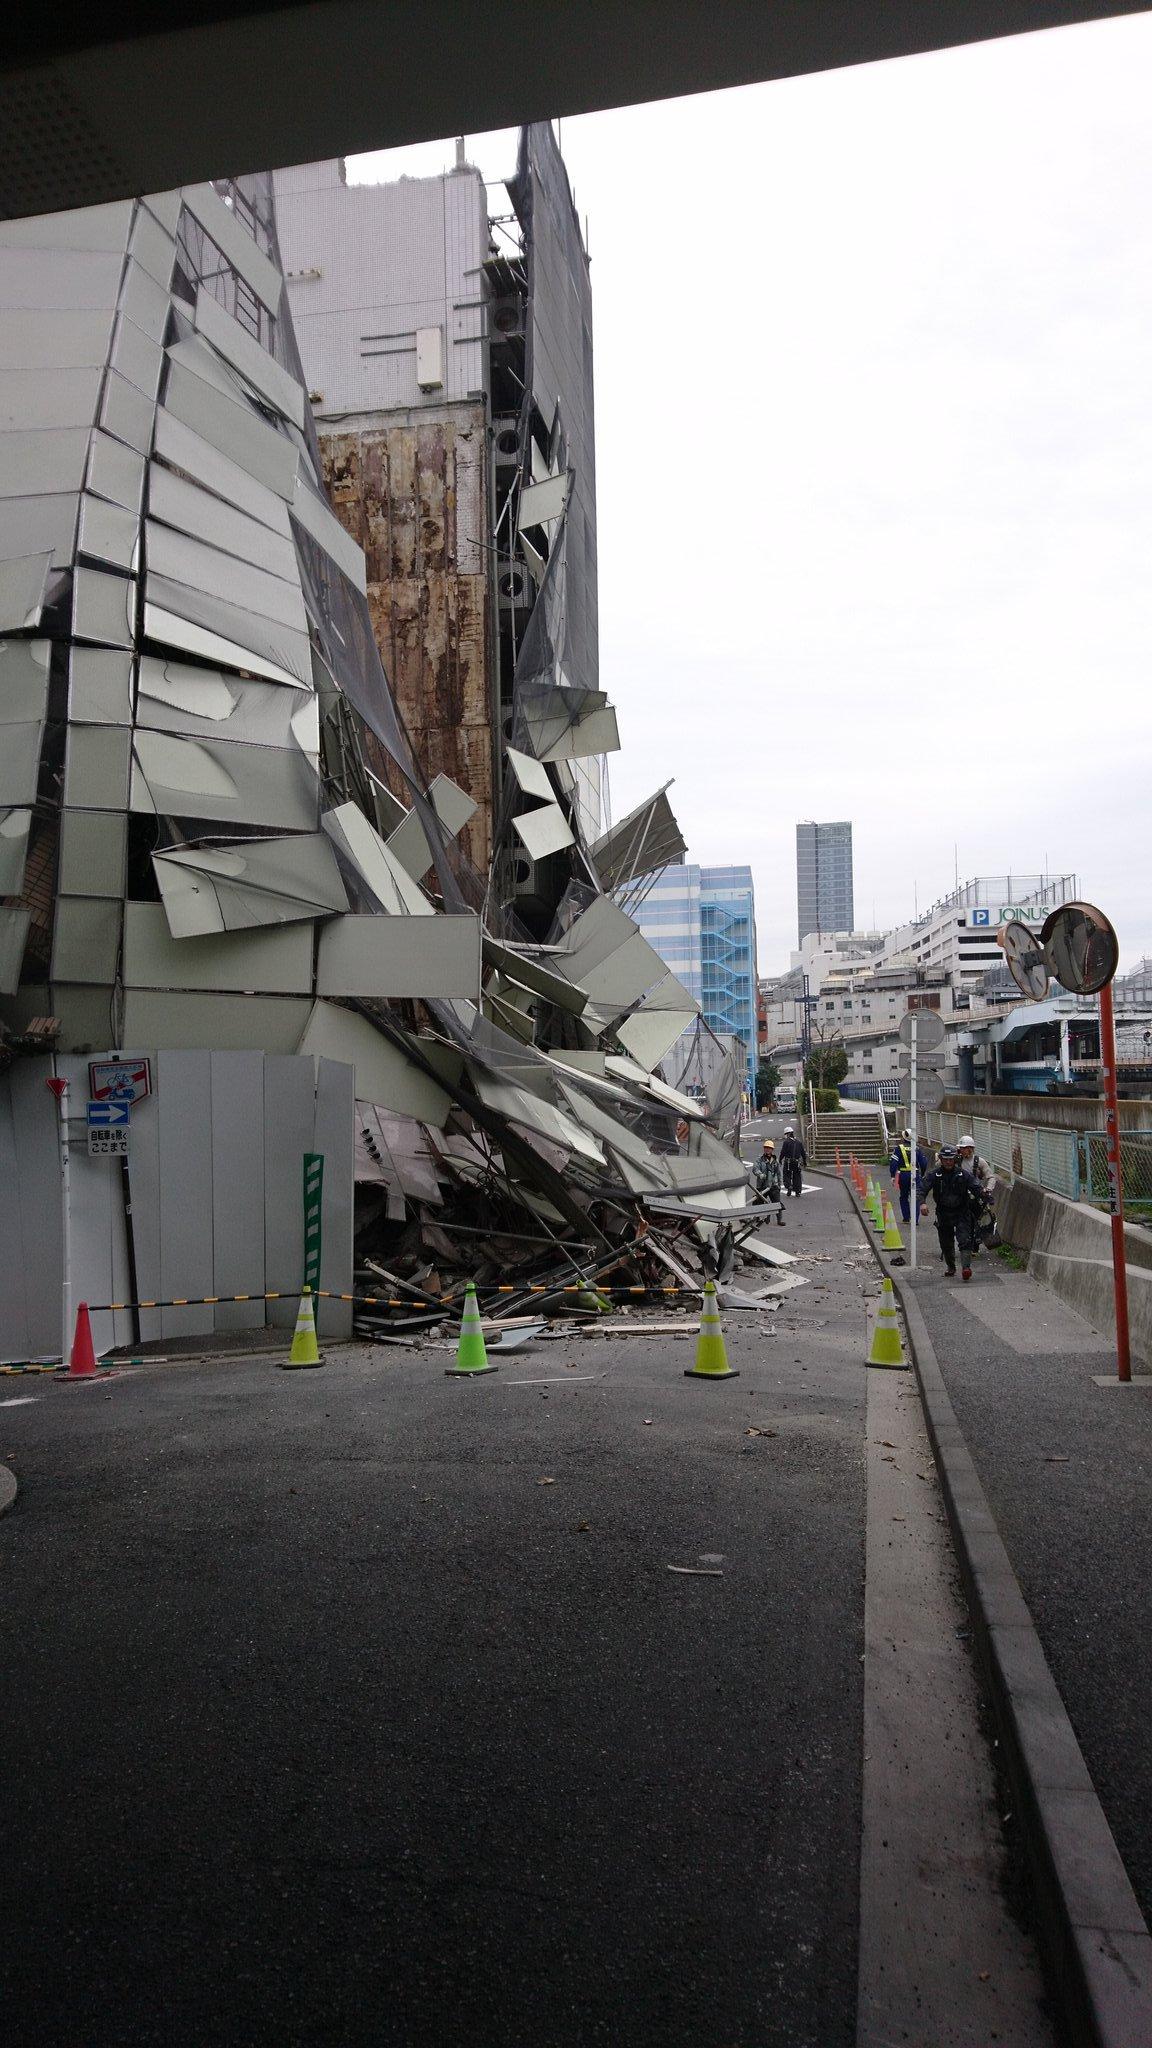 横浜駅西口付近のビルが倒壊している画像